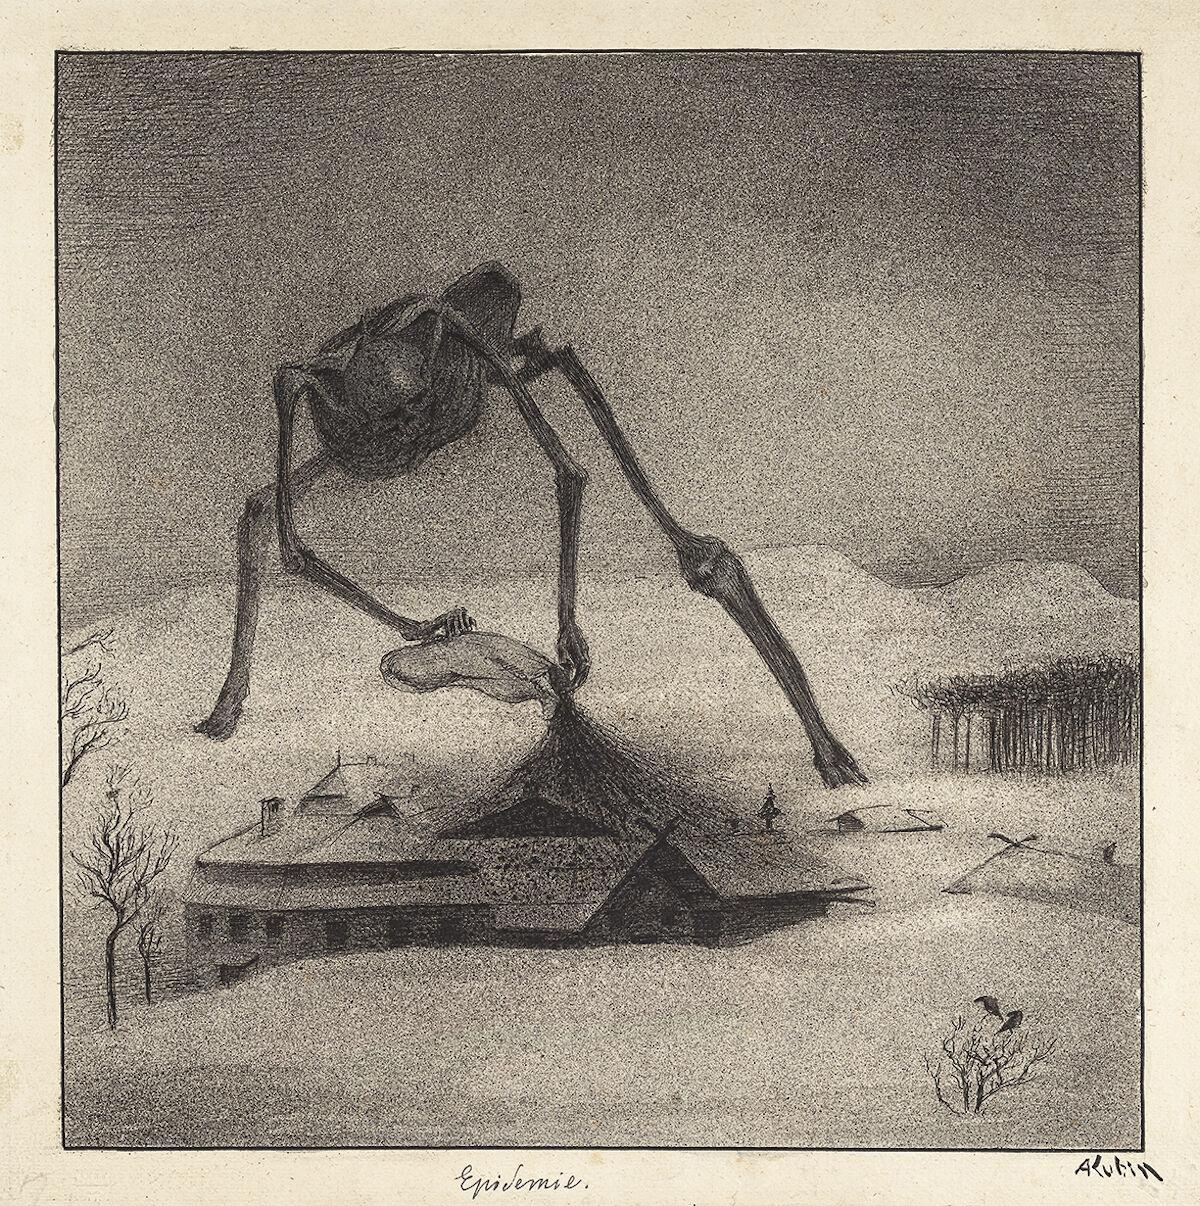 Alfred Kubin, Epidemie (Epidemic), ca. 1900–01. Courtesy Sotheby's.